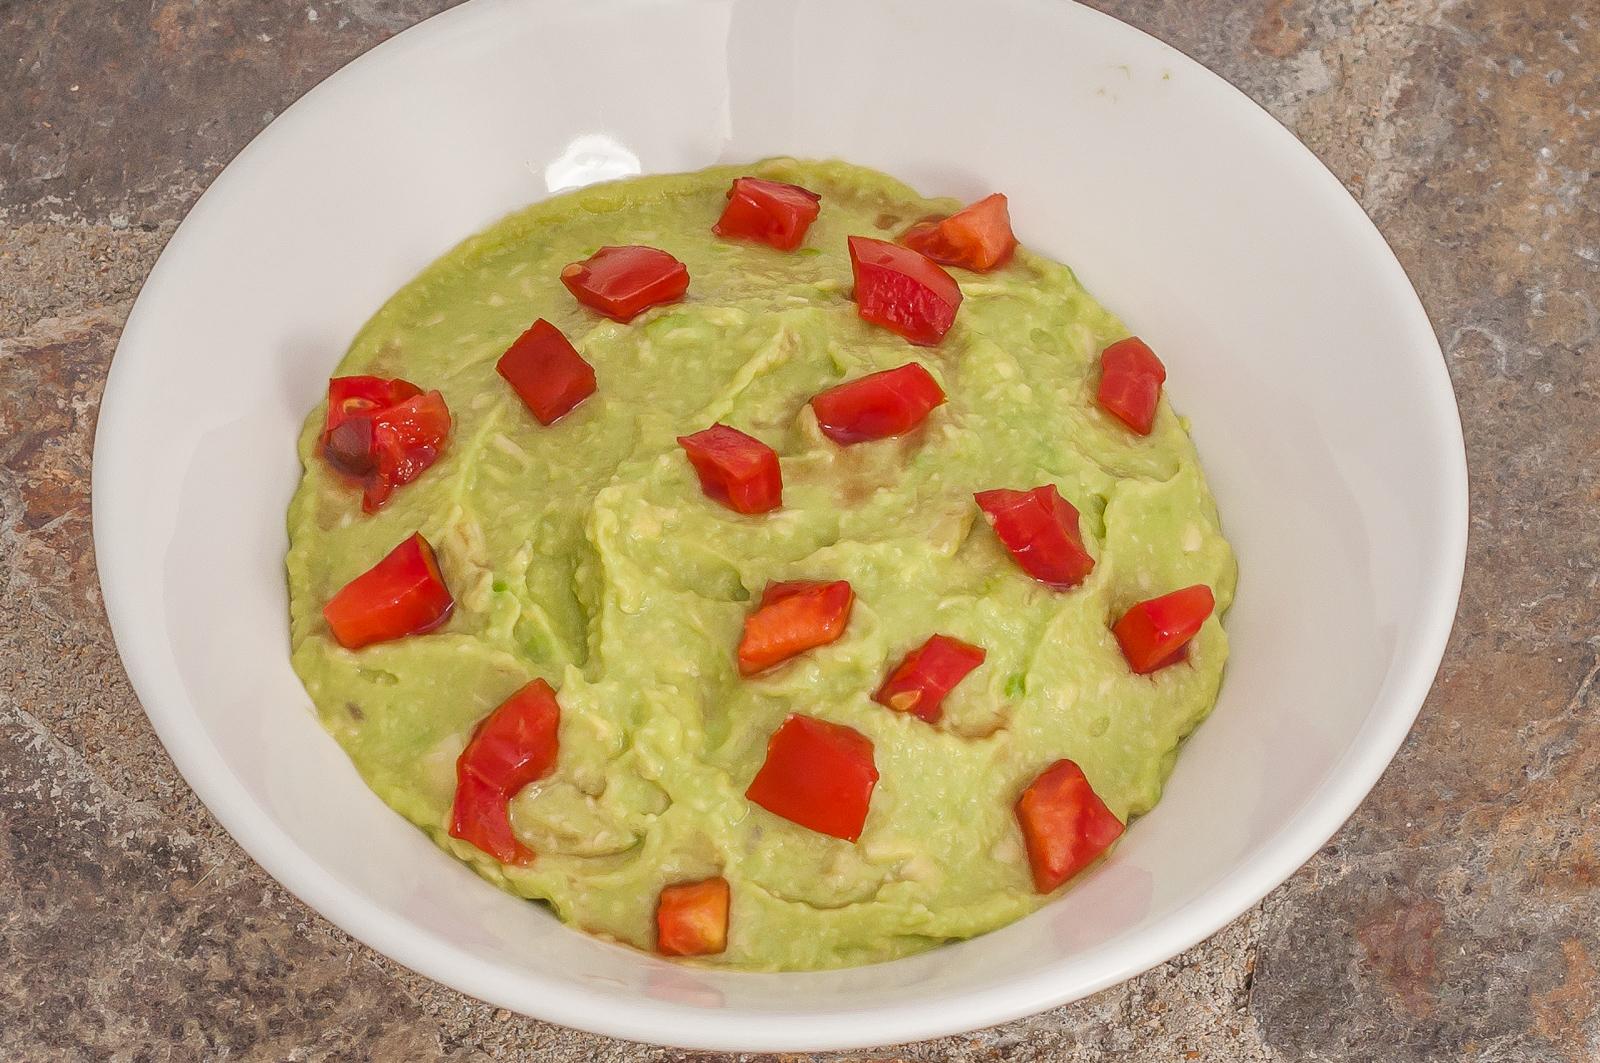 Photo de recette facile de guacamole maison, végétarien, healthy, facile, rapide, Mexique, américaine, cuisine du monde de  de Kilomètre-0, blog de cuisine réalisée à partir de produits de saison et issus de circuits courts